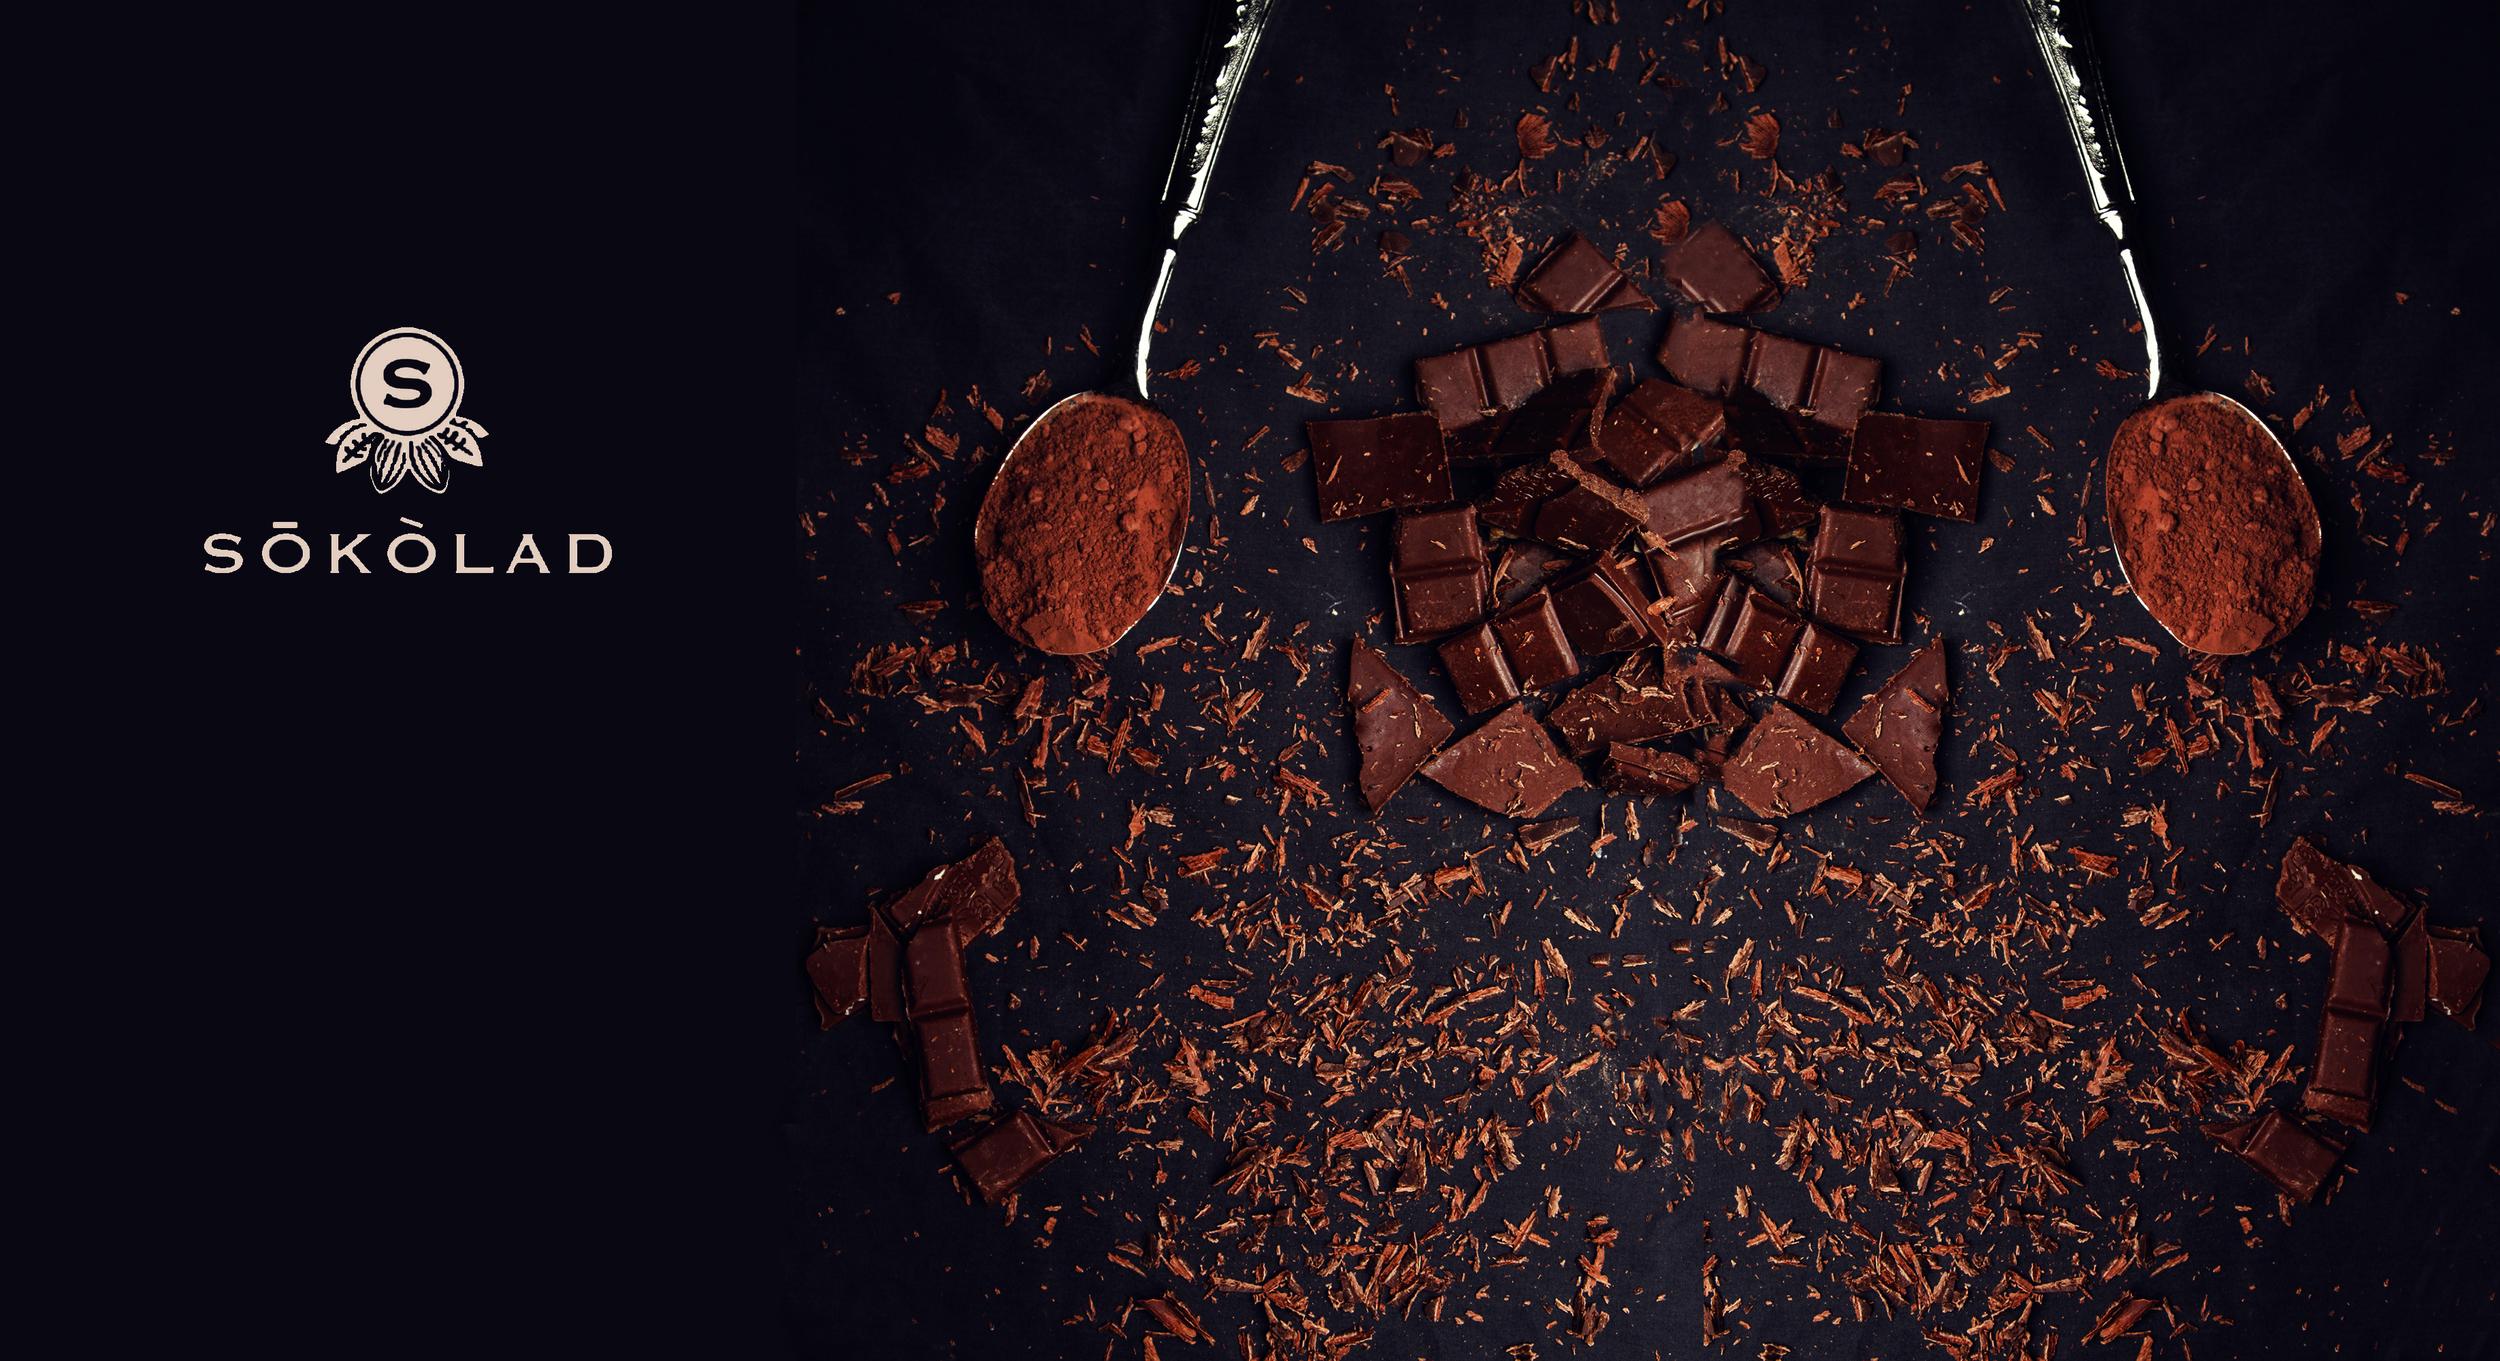 SOKOLAD CHOCOLATE DUST.jpg